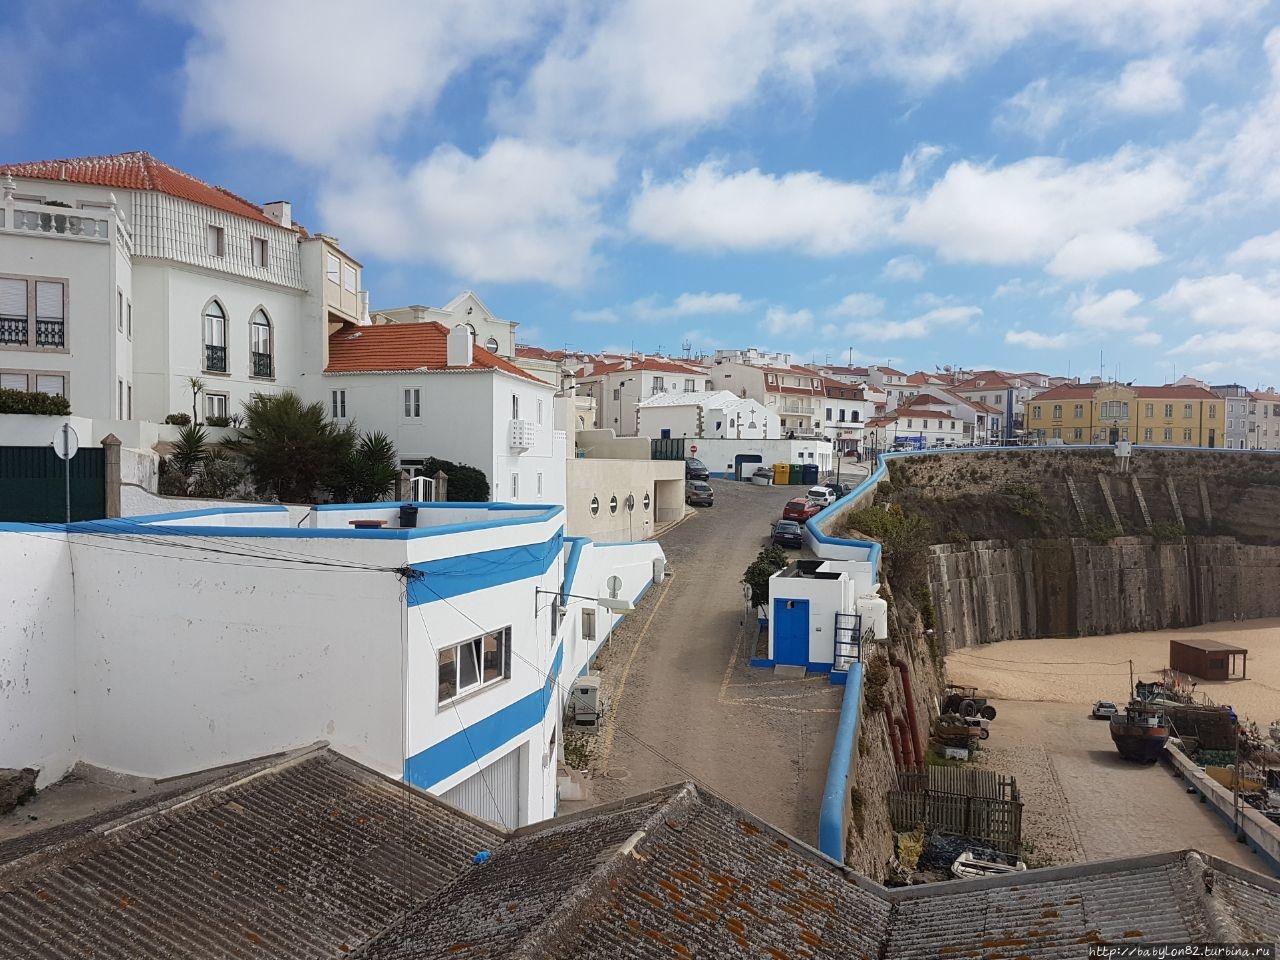 Эрисейра-город на краю света Эрисейра, Португалия